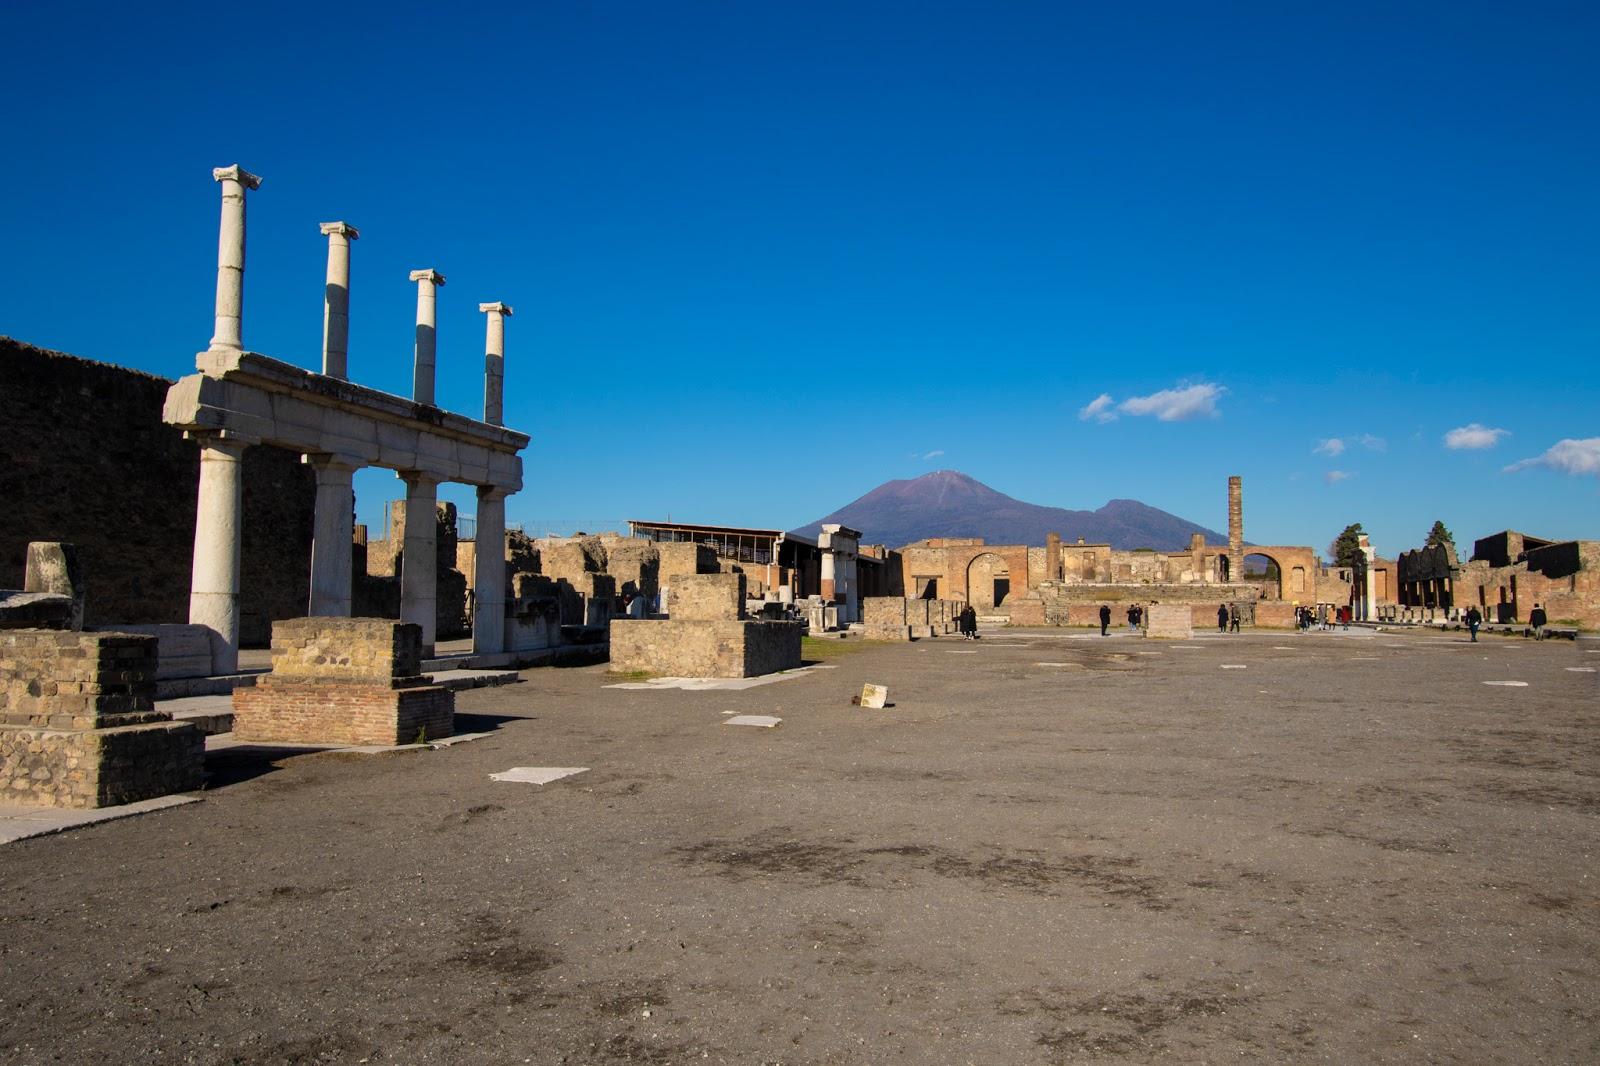 Visita agli Scavi di Pompei